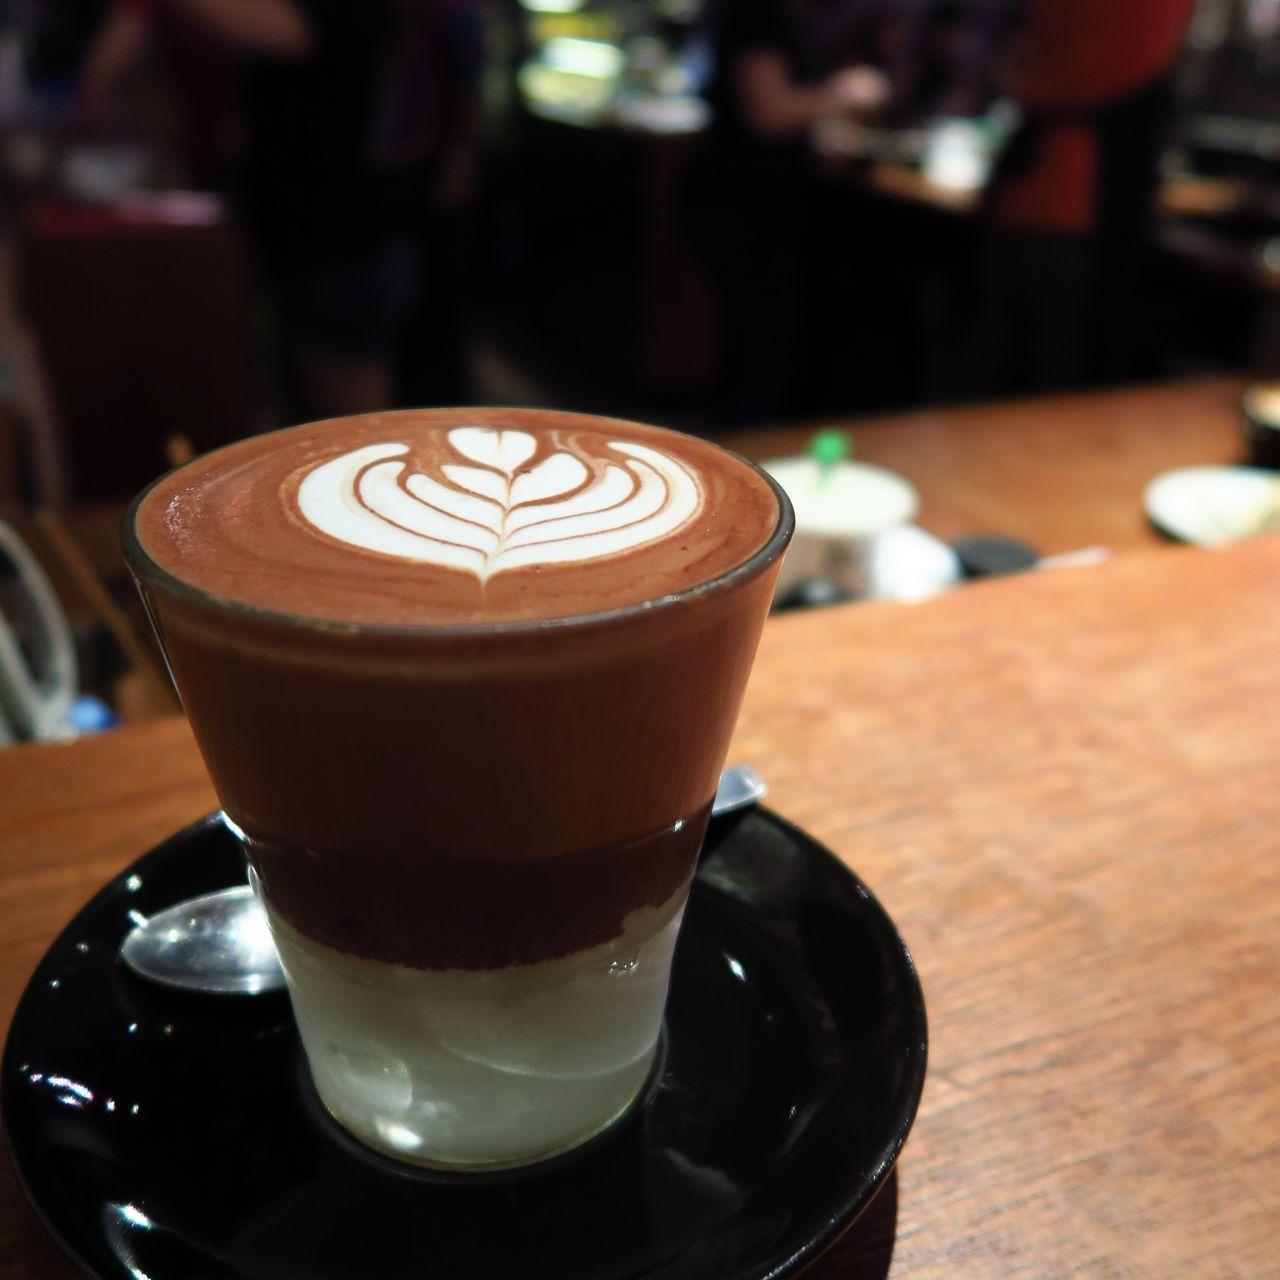 Chocolate EyeEm Eyeemphotography Cafe This Week On Eyeem Sweet Warmbeverage